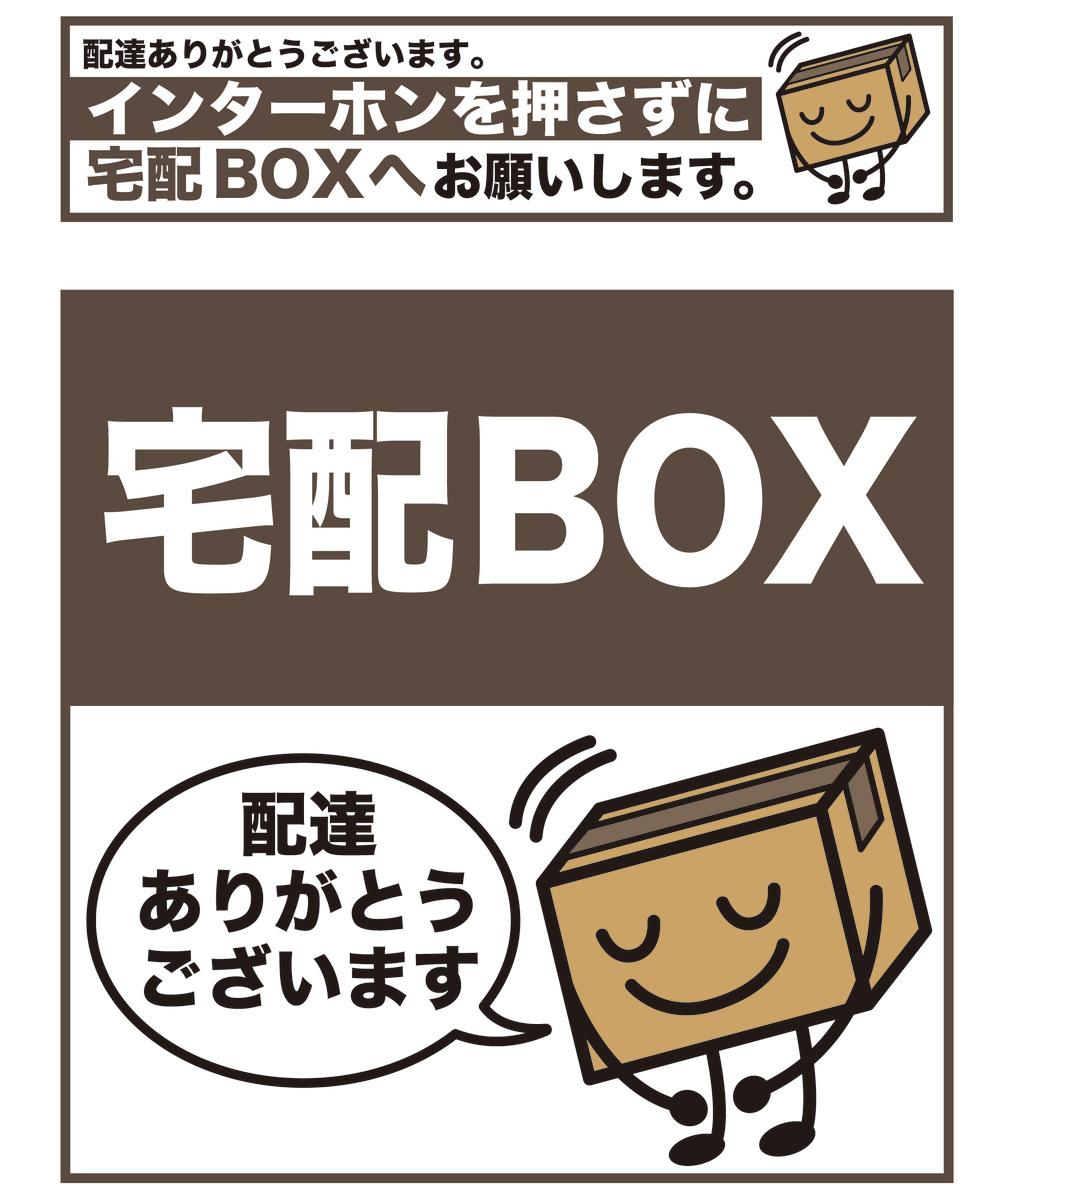 インターホンを押さずに宅配boxへお願いします 在宅 留守兼用 and.Aオリジナル 宅配 低廉 ボックス お値打ち価格で シール box用 A 2枚セット ステッカー インターホン用